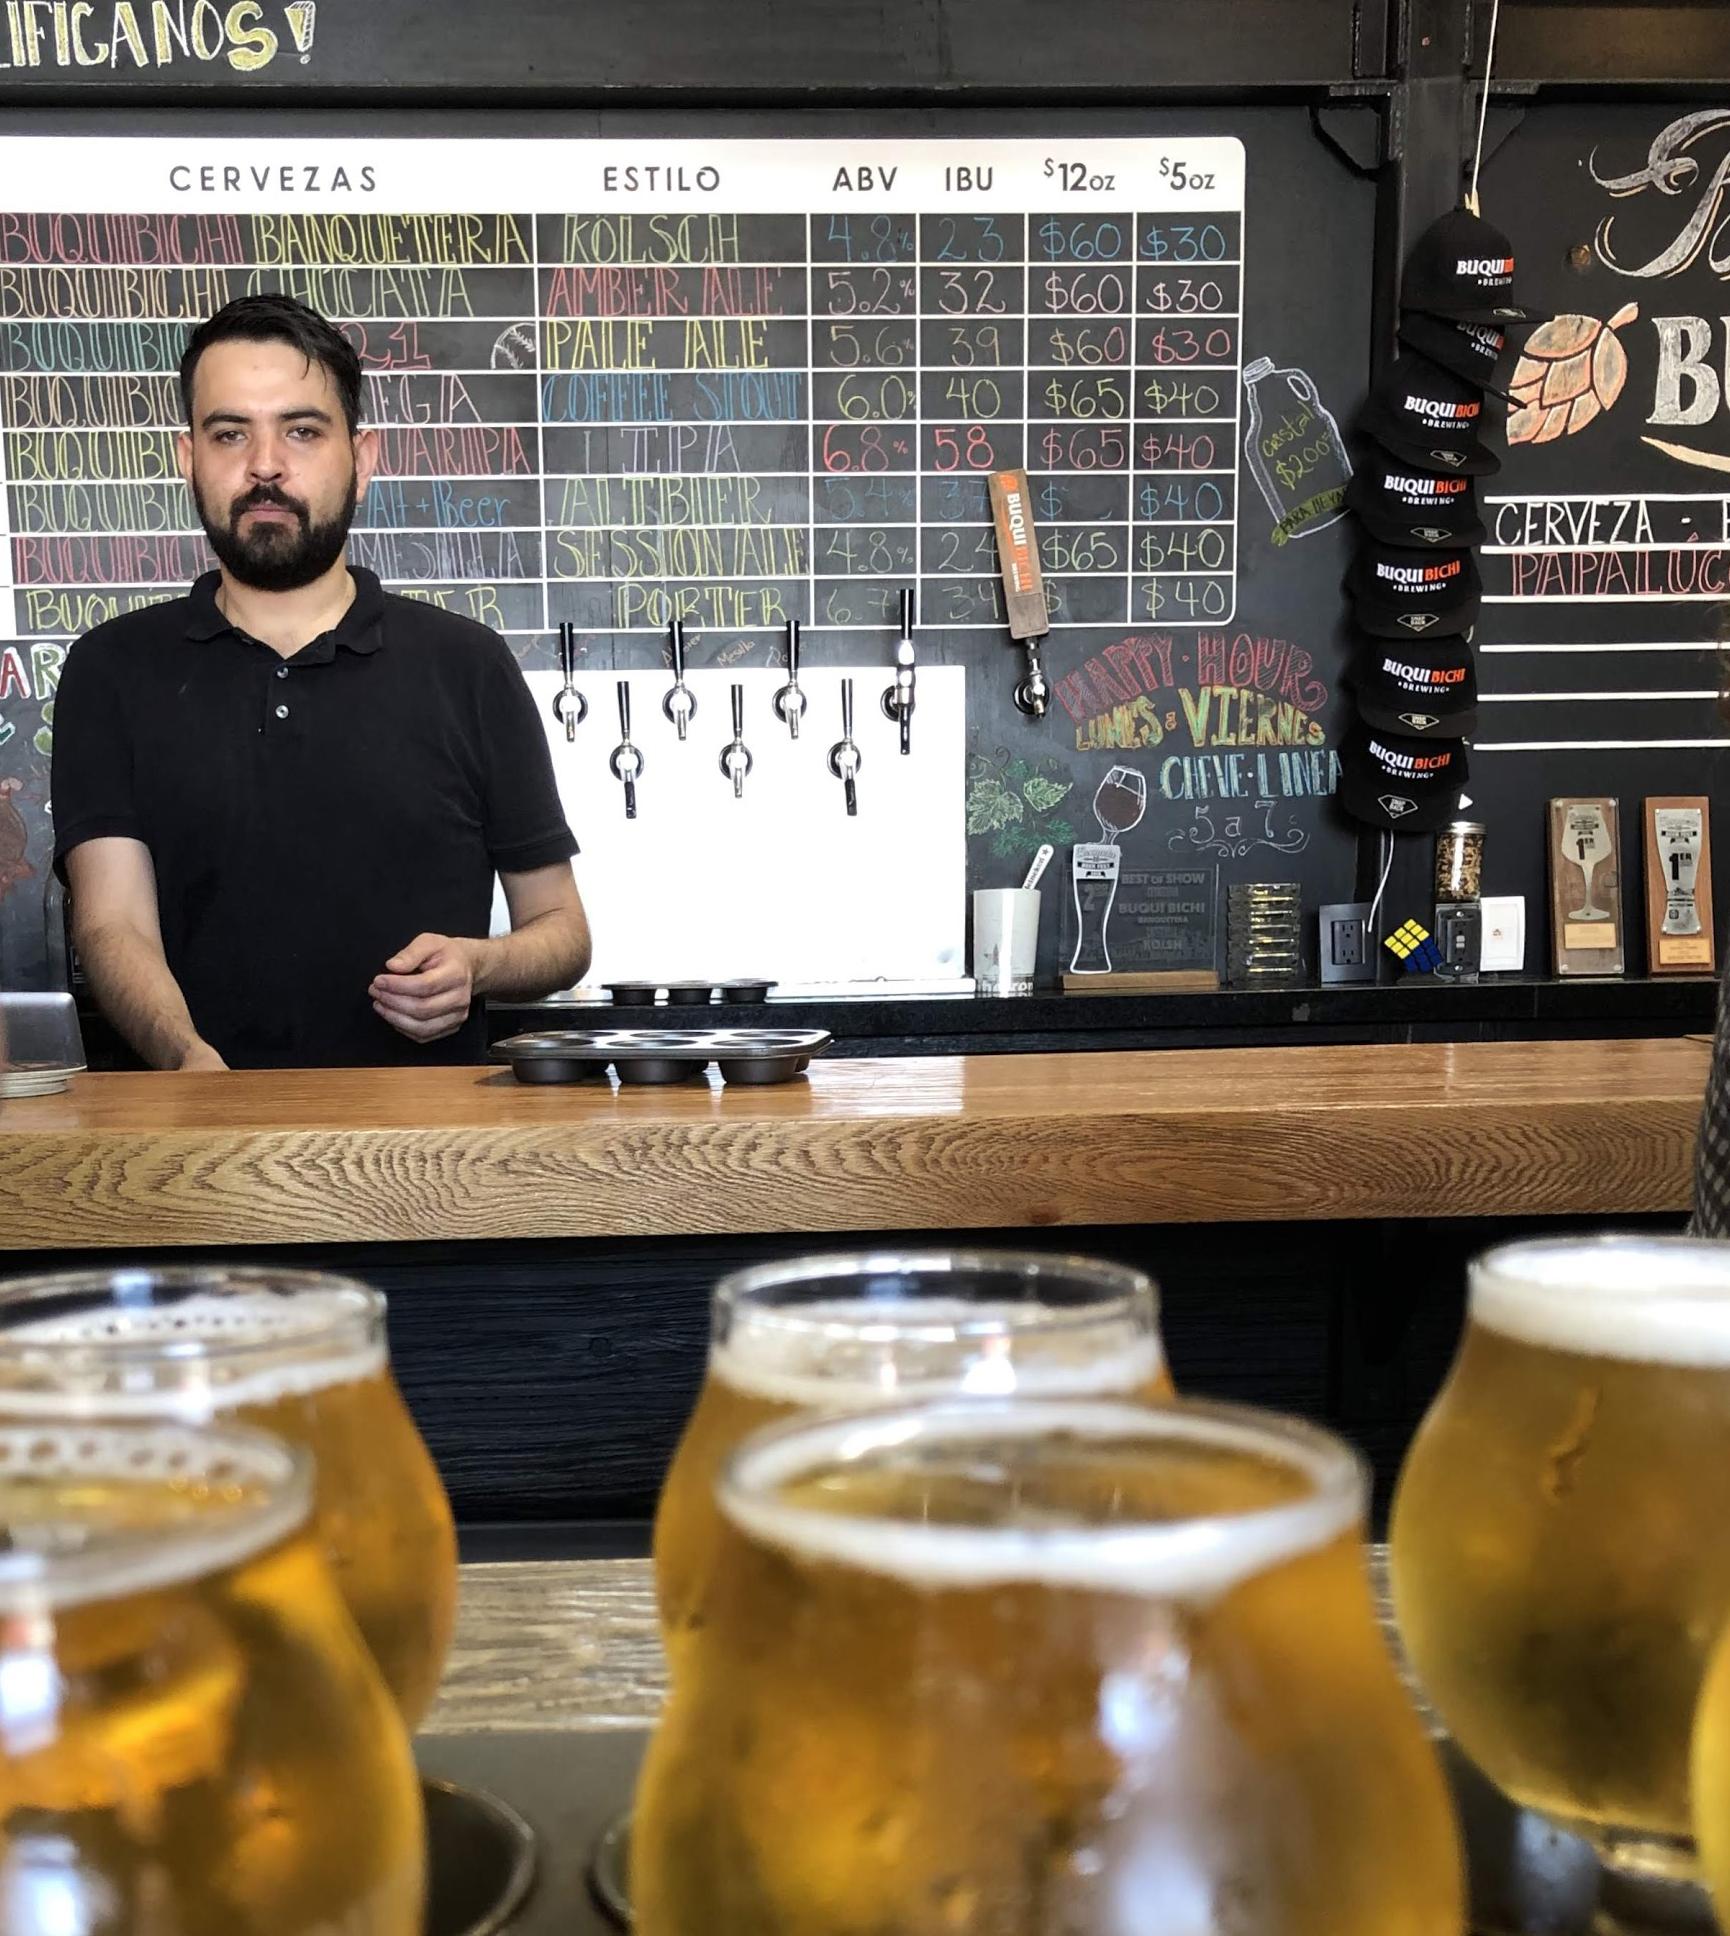 Cervecería Buqui Bichi